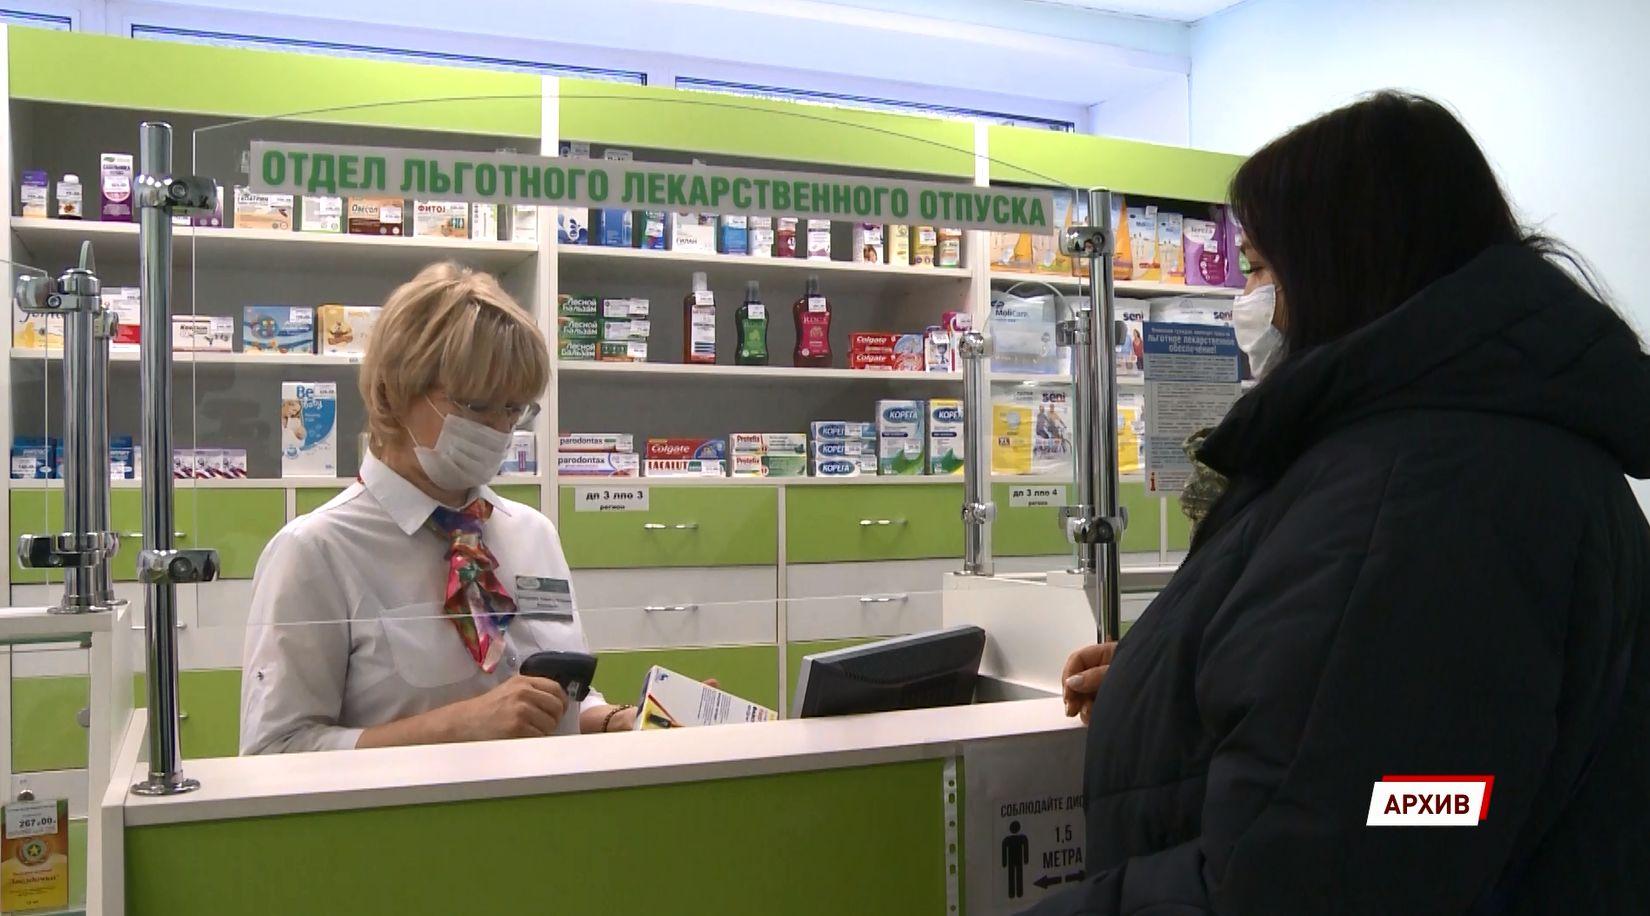 К 2022 году в Ярославскую область дополнительно поступит 9,5 млн рублей на лекарства для льготников